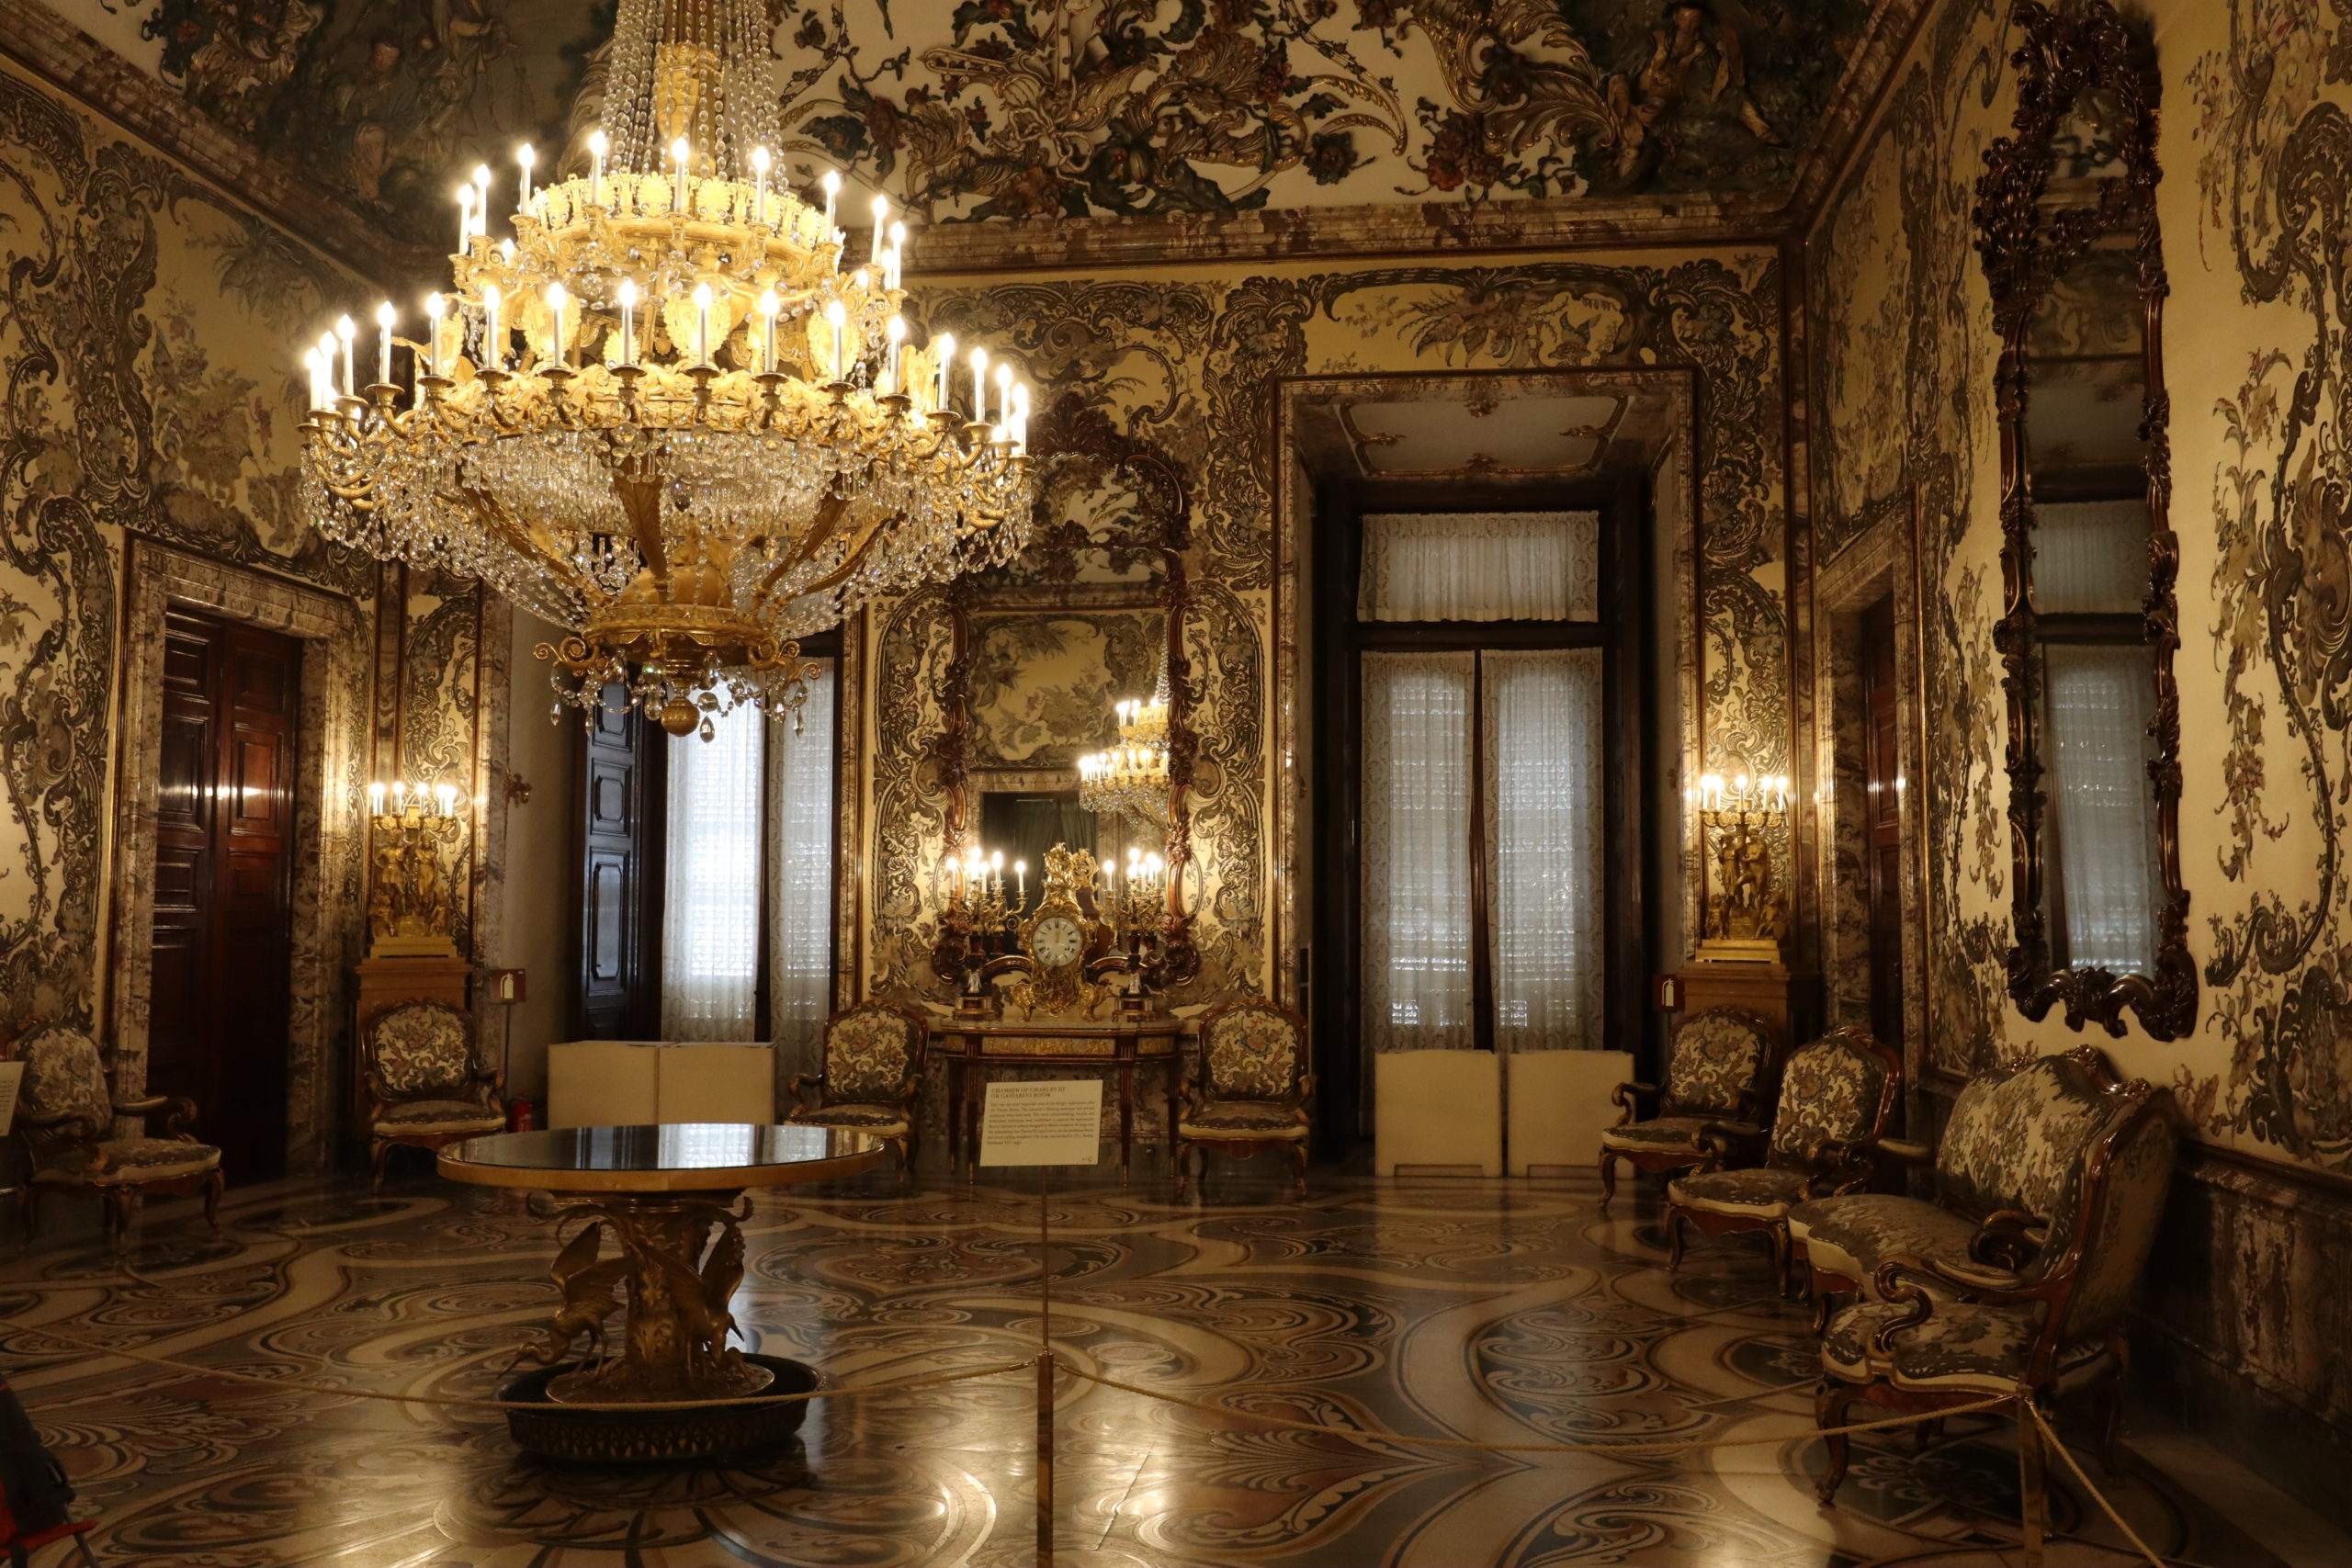 como-ver-palacio-real-madrid